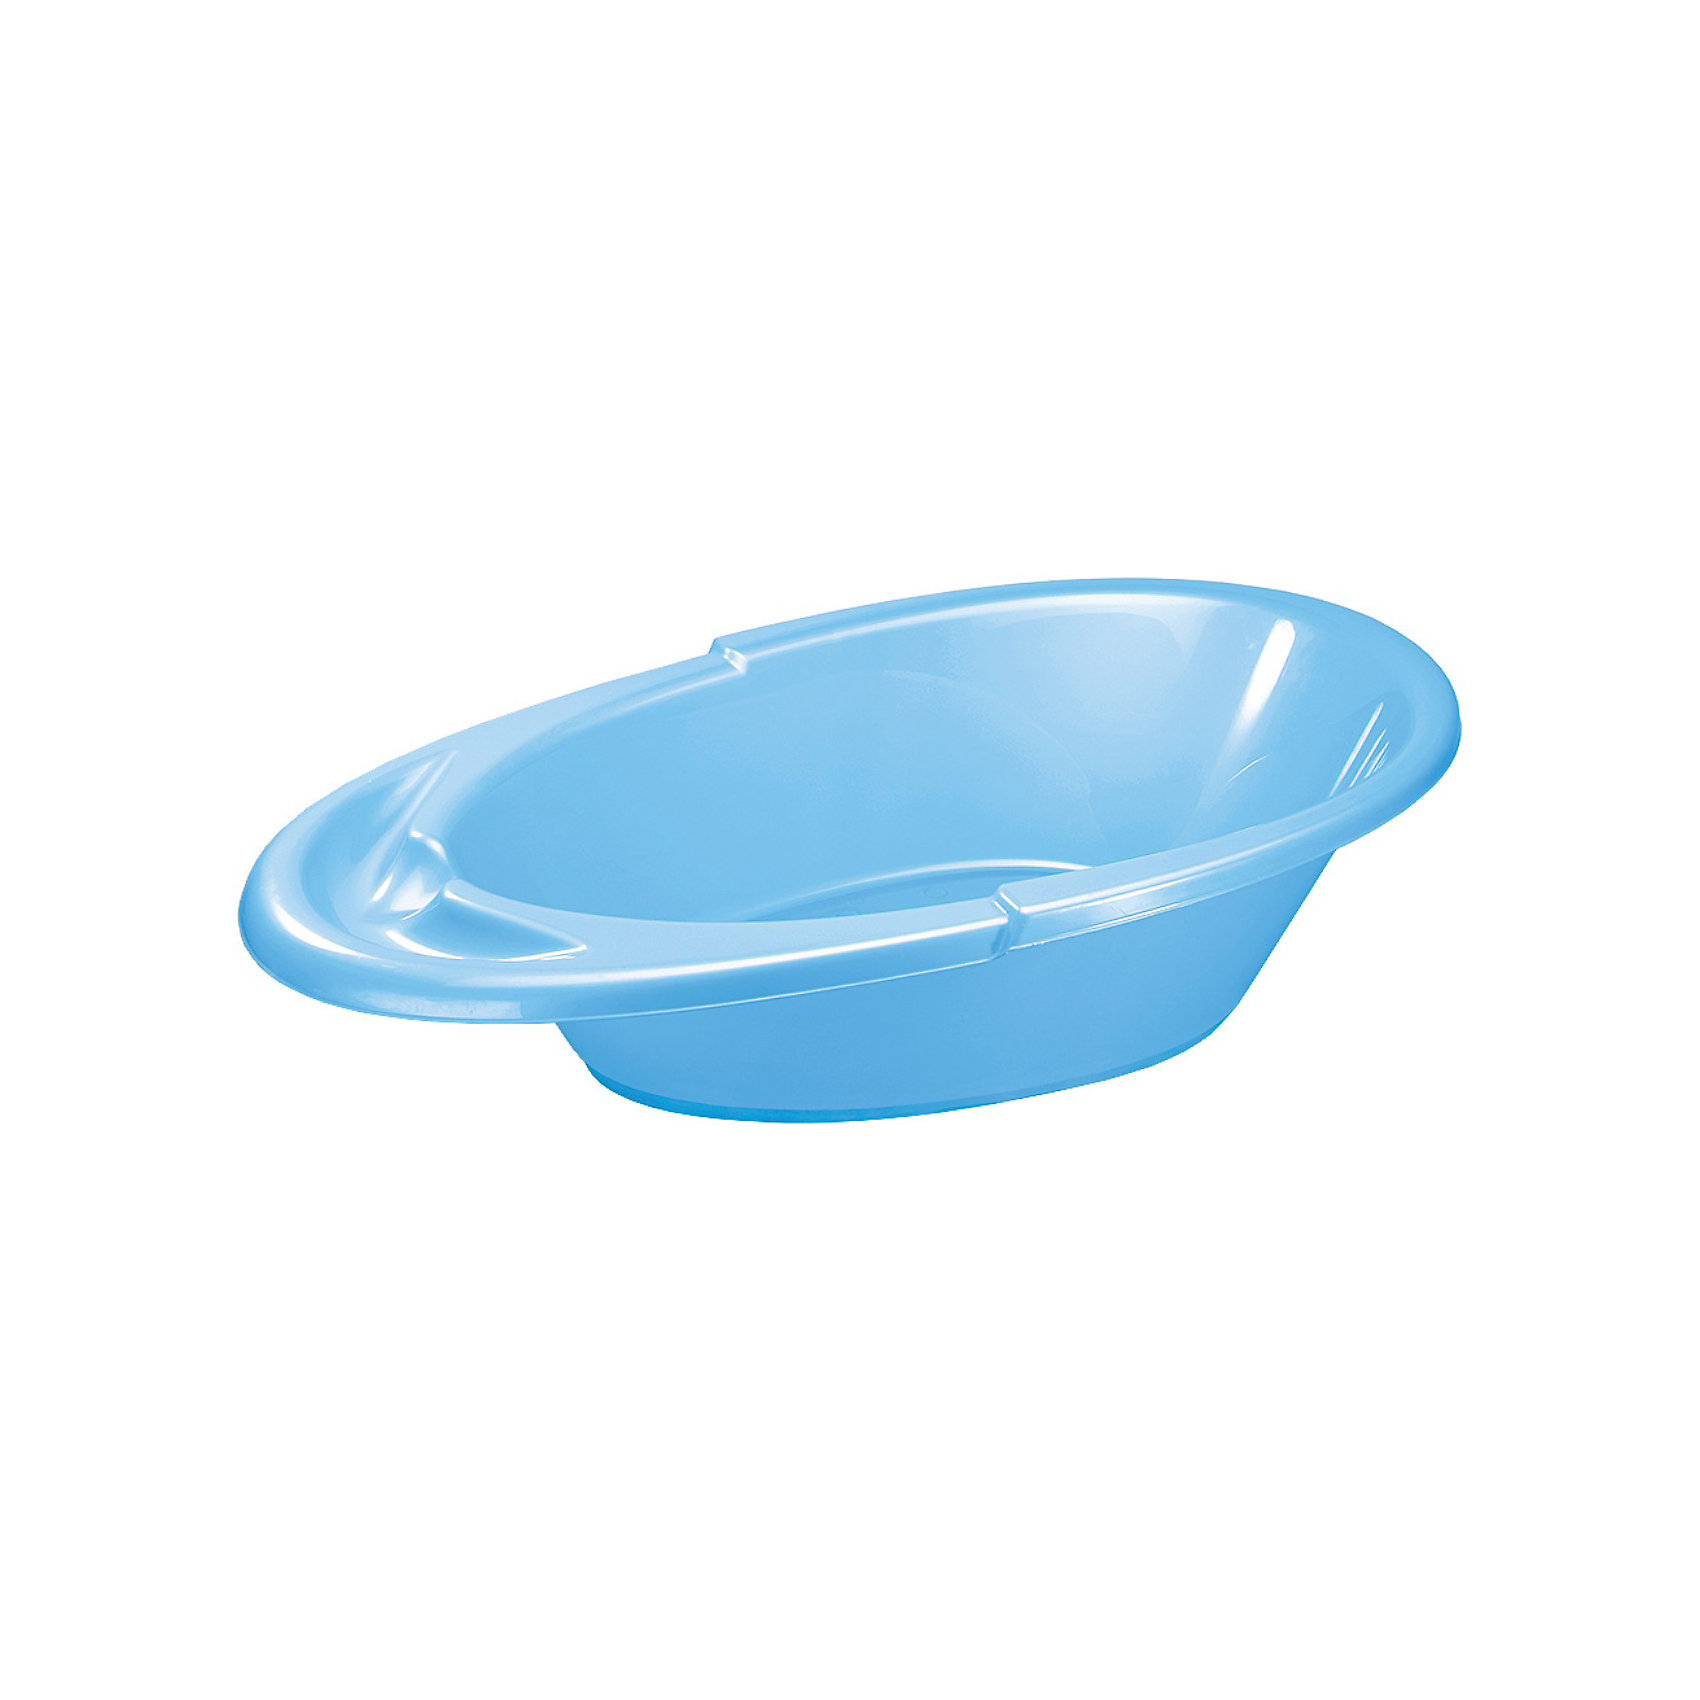 Ванна детская, ПластишкаДетская ванночка поможет Вам купать ребенка в первые месяцы жизни с необыкновенной легкостью и безопасностью. Простая и надежная ванночка очень легка в уходе. Увеличенный объем дает ребенку больший простор для движений, а значит способствует интенсивному развитию мышц. Ребристое дно ванночки предохраняет ребенка от соскальзывания под воду! Теперь все что необходимо для купания ребенка всегда будет под рукой, ведь на краях ванночки предусмотрены удобные отделения. Удобная в уходе, практичная и продуманная ванночка сделает купание любимым занятием мам и малышей!<br><br>Дополнительная информация;<br><br>- Идеальна для детей с рождения;<br>- Отделения для аксессуаров;<br>- Ребристое дно;<br>-  Для ребенка в возрасте от 0 до 1,5 лет;<br>- Устойчива к перепадам температуры;<br>- Материал: полипропилен;<br>- Размер ванны: 96 x 27 x 54 см; <br>- Объем: 50 л;<br>- Вес: 1,3 кг;<br><br>Ванну детскую  можно купить в нашем интернет-магазине.<br><br>Ширина мм: 320<br>Глубина мм: 950<br>Высота мм: 550<br>Вес г: 1400<br>Возраст от месяцев: 0<br>Возраст до месяцев: 12<br>Пол: Унисекс<br>Возраст: Детский<br>SKU: 3805270